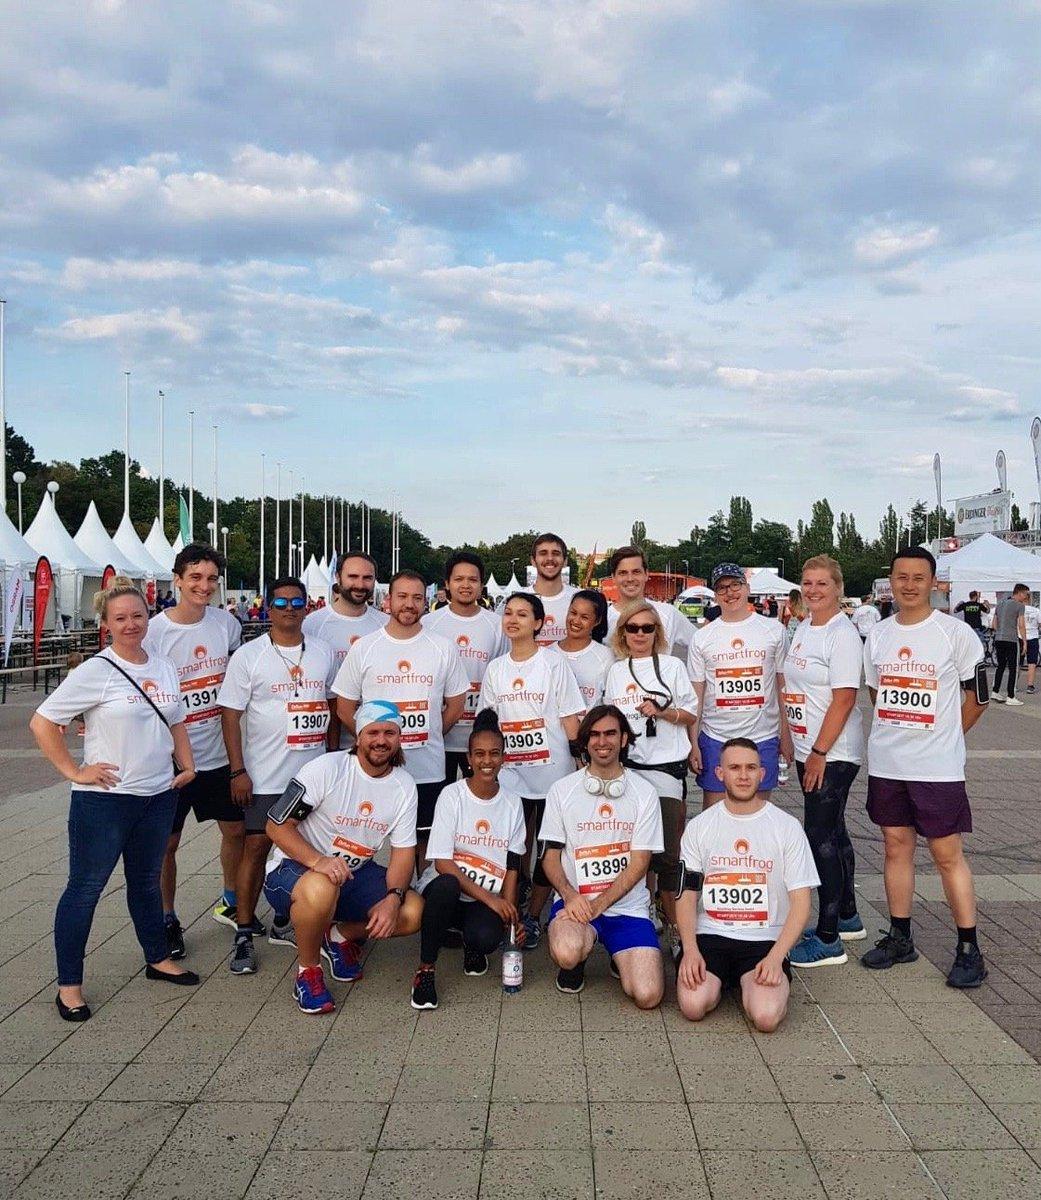 """#Smartfrog beim #b2run-Firmenlauf. Wir haben es alle ins Ziel geschafft - nach 5,8 km der Zieleinlauf ins Berliner Olympiastadion! #Berlin #gemeinsamaktiv #b2runberlin"""" https://t.co/VBfgPTSBI1"""